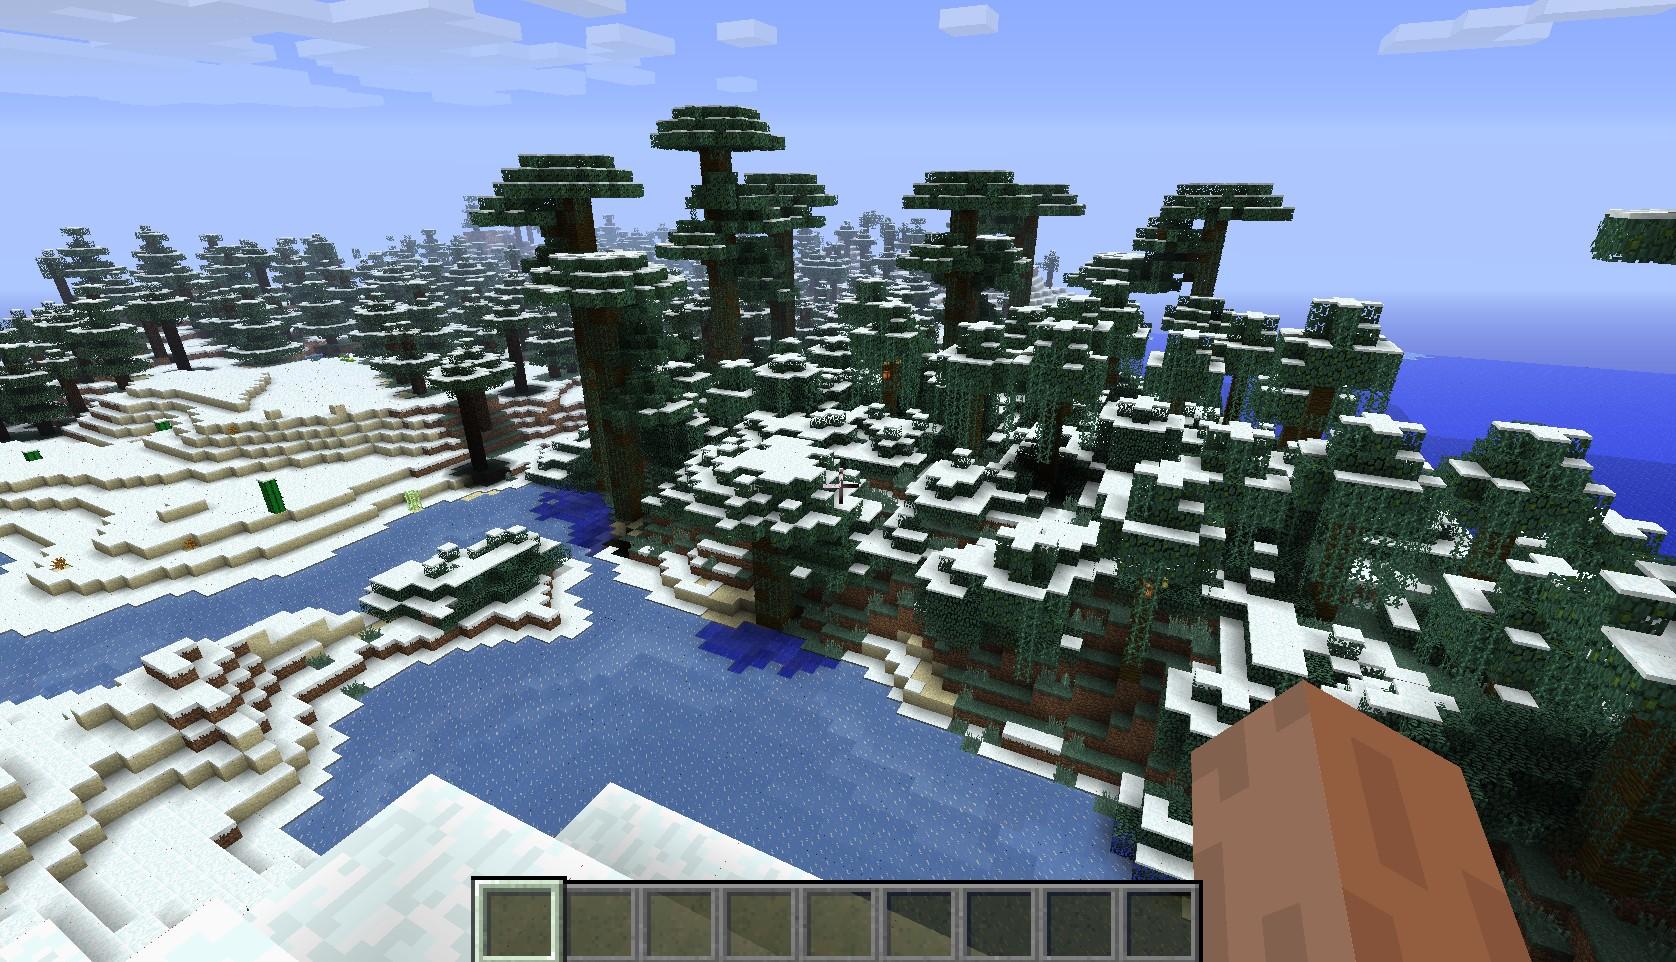 Мод на снежные биомы для Майнкрафт